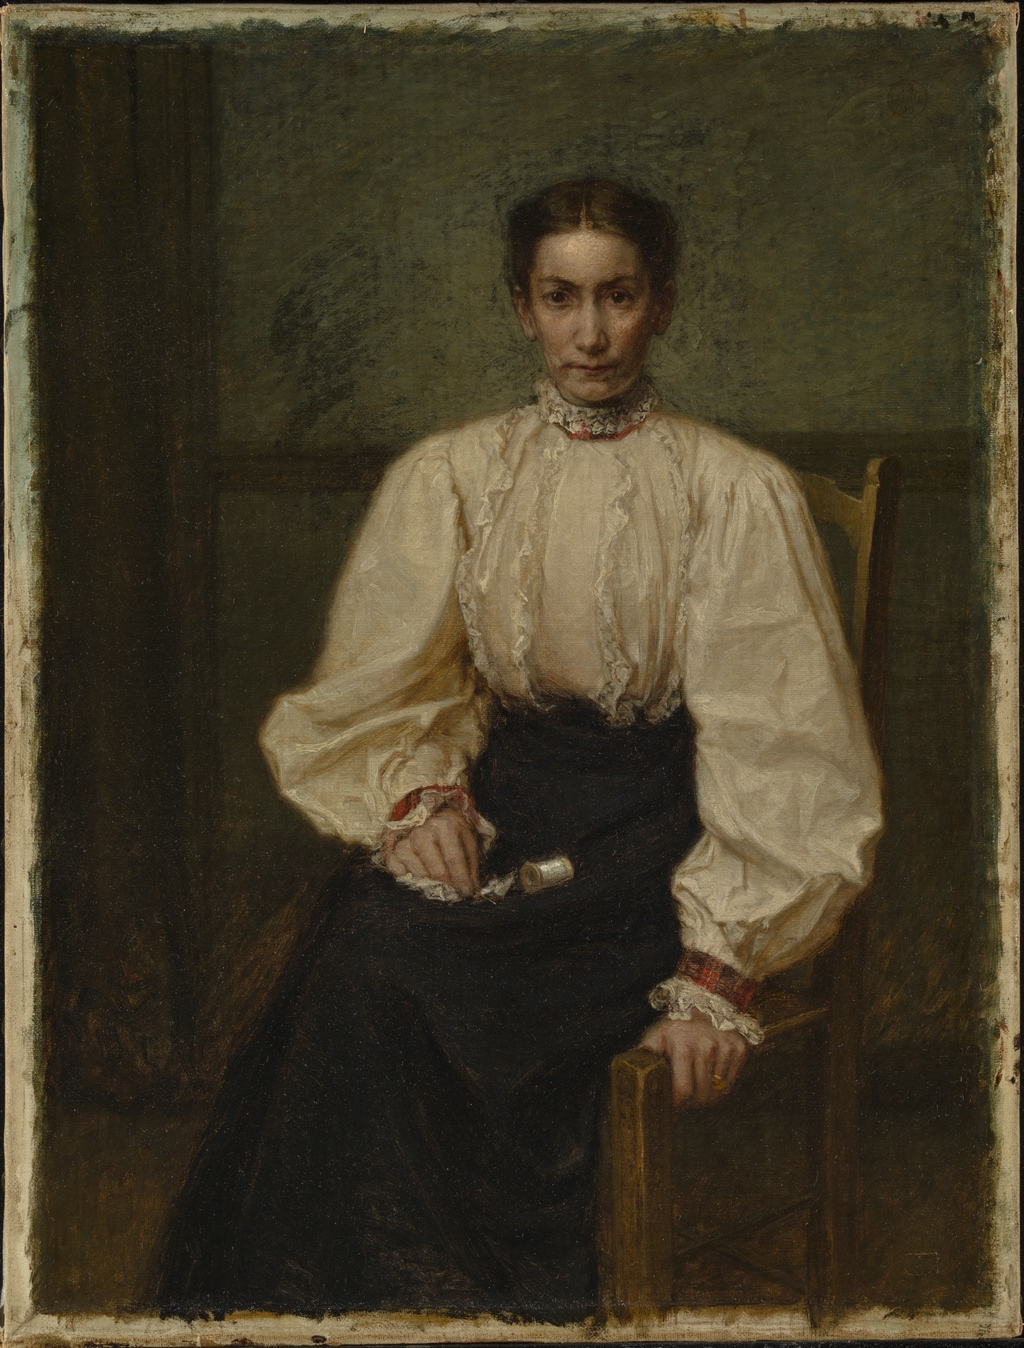 Madame Ernest Lebrun, née Adélia Leduc, soeur de l'artiste